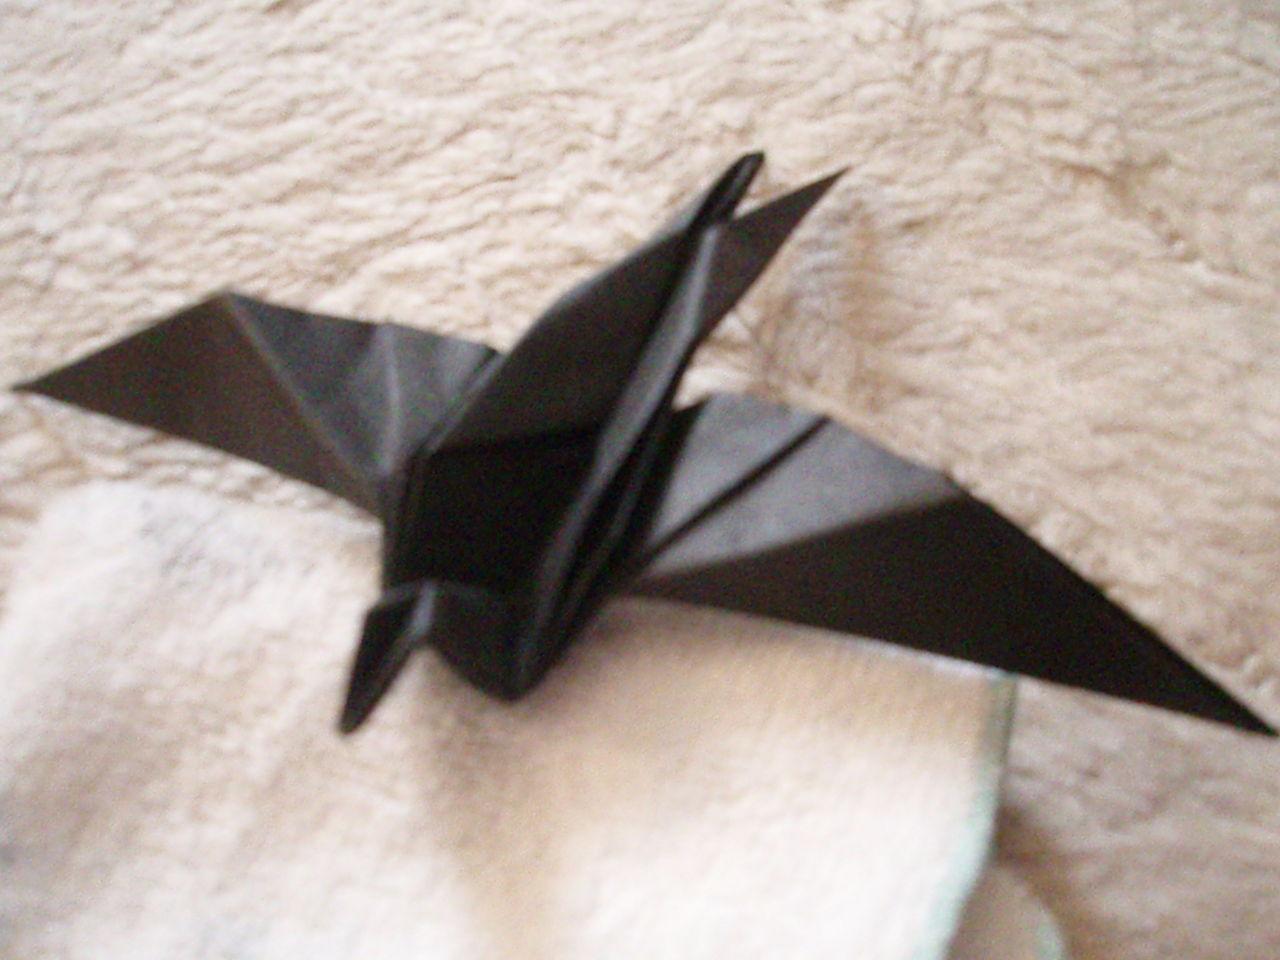 すべての折り紙 折り紙 本 難しい : つばめはちょっと難しかった ...